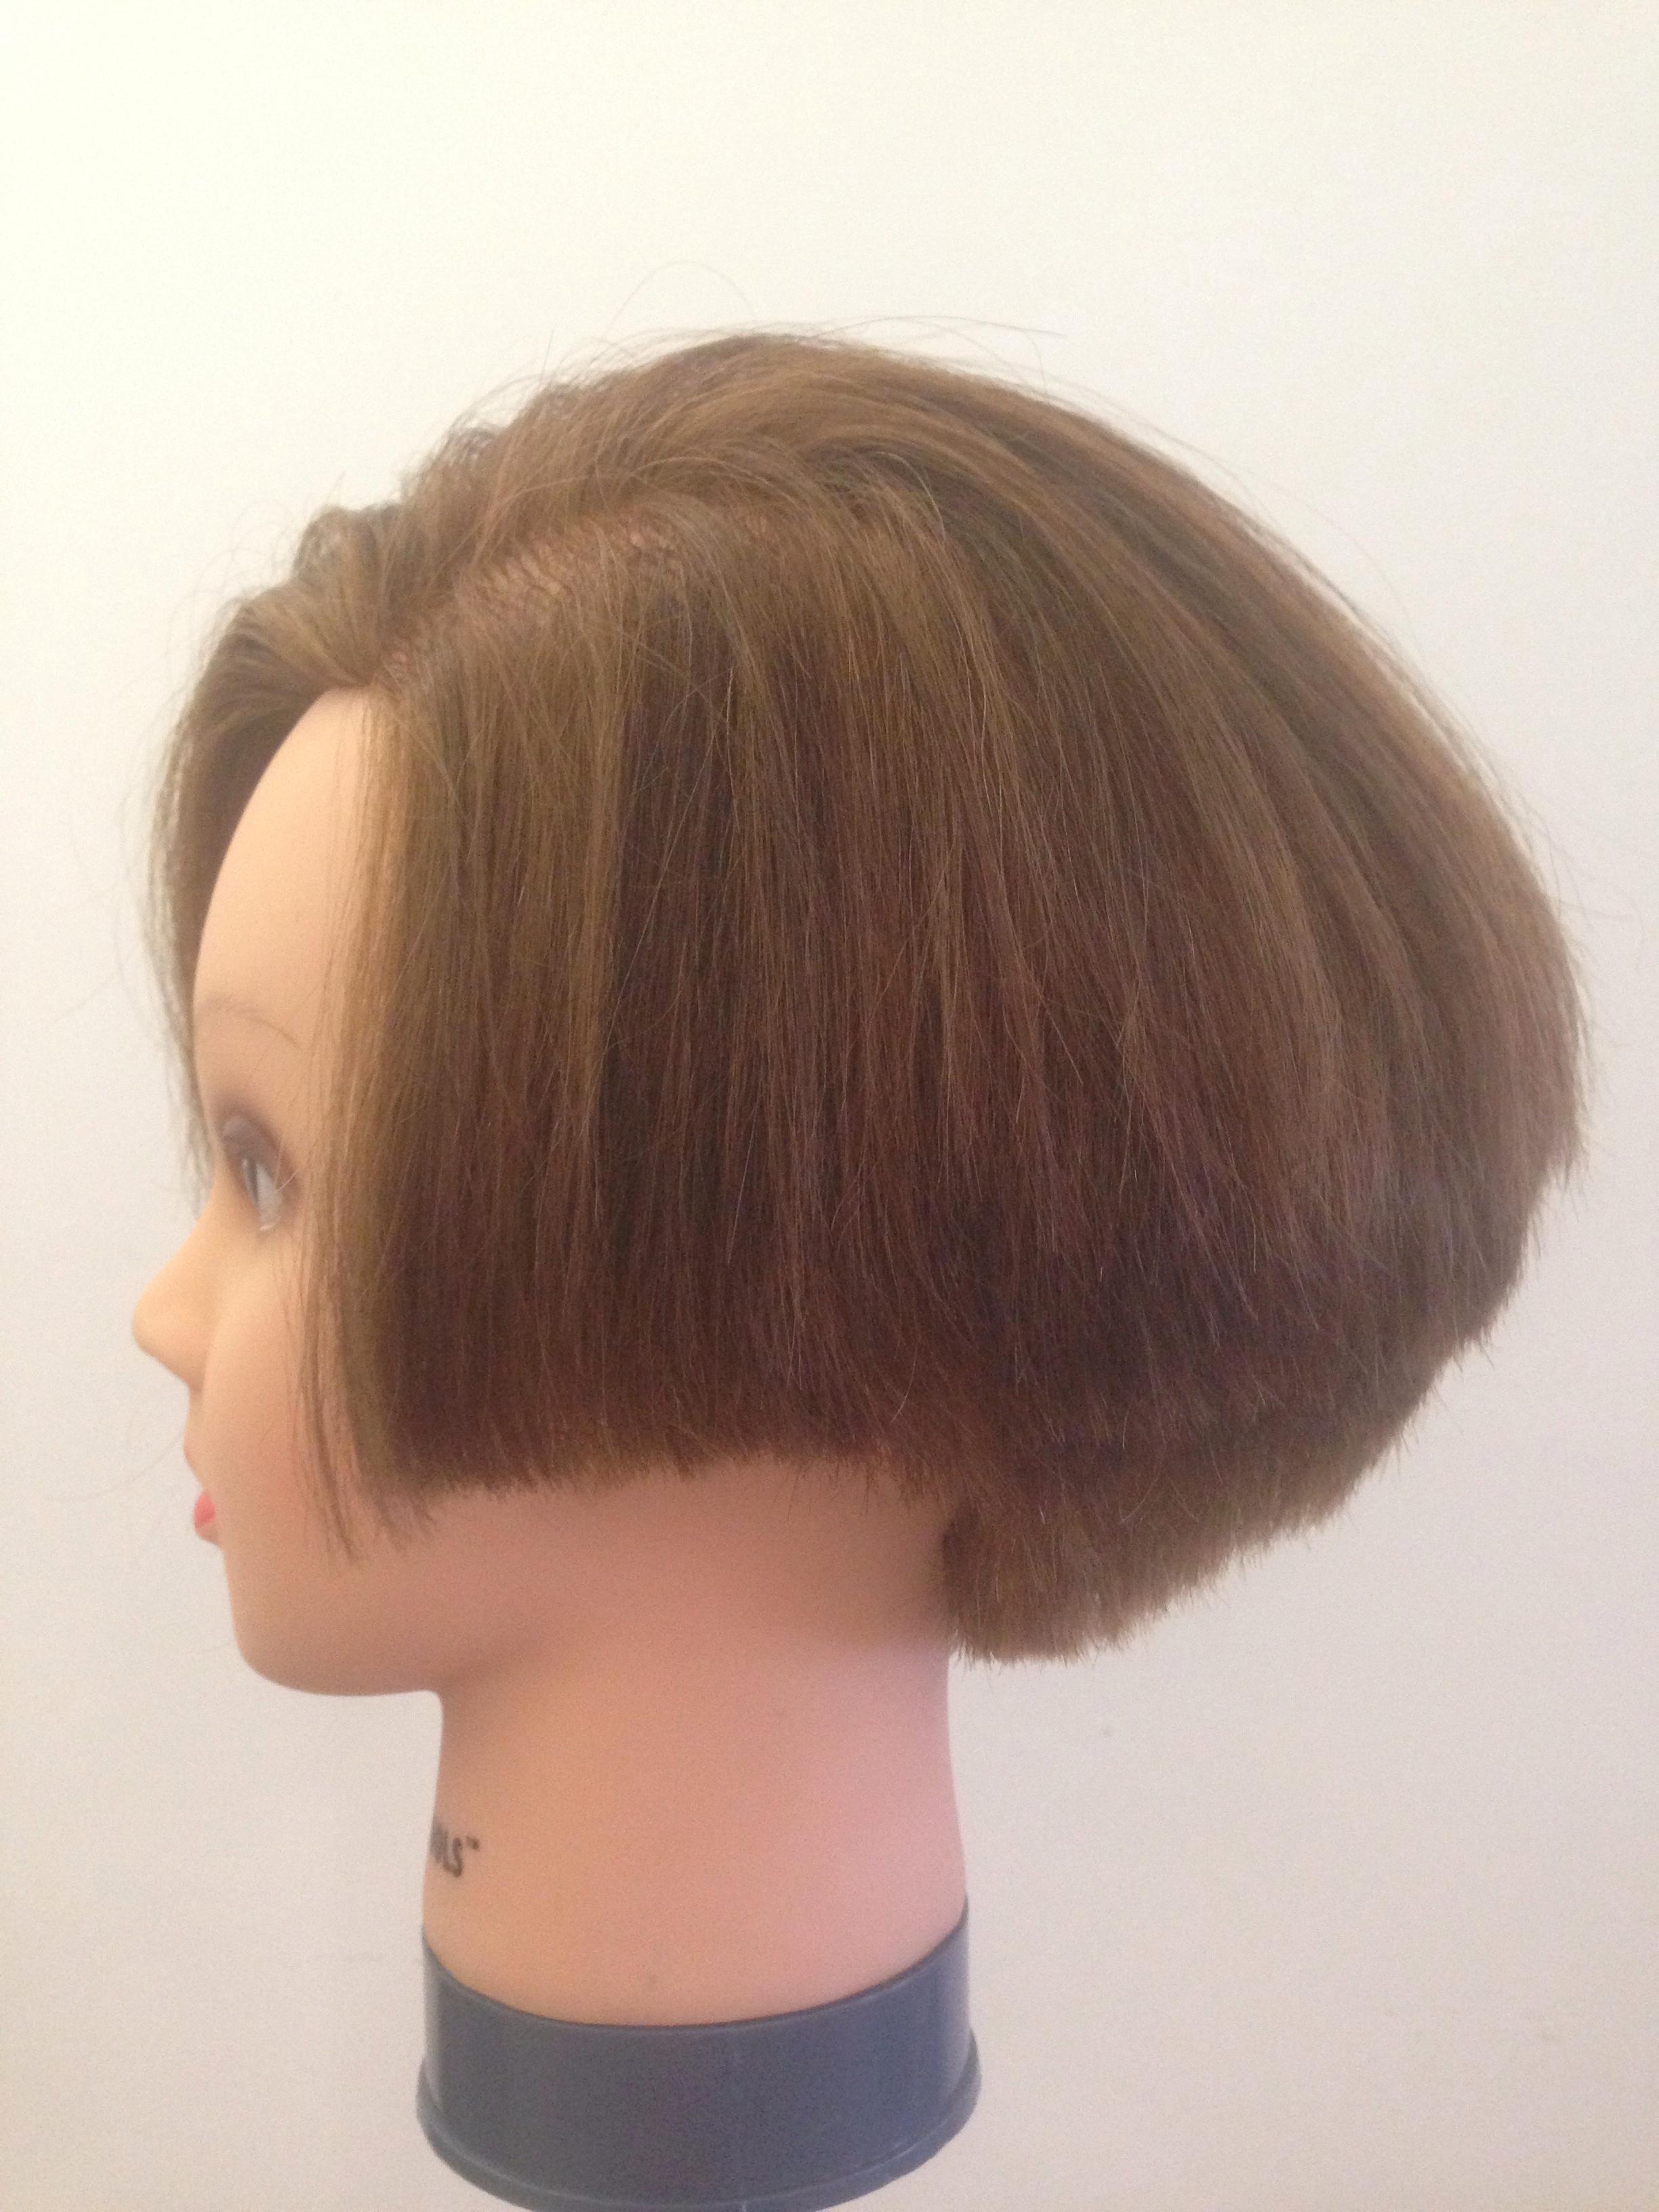 How To Do A Short Graduated Bob Haircut By Georgieg Mhd